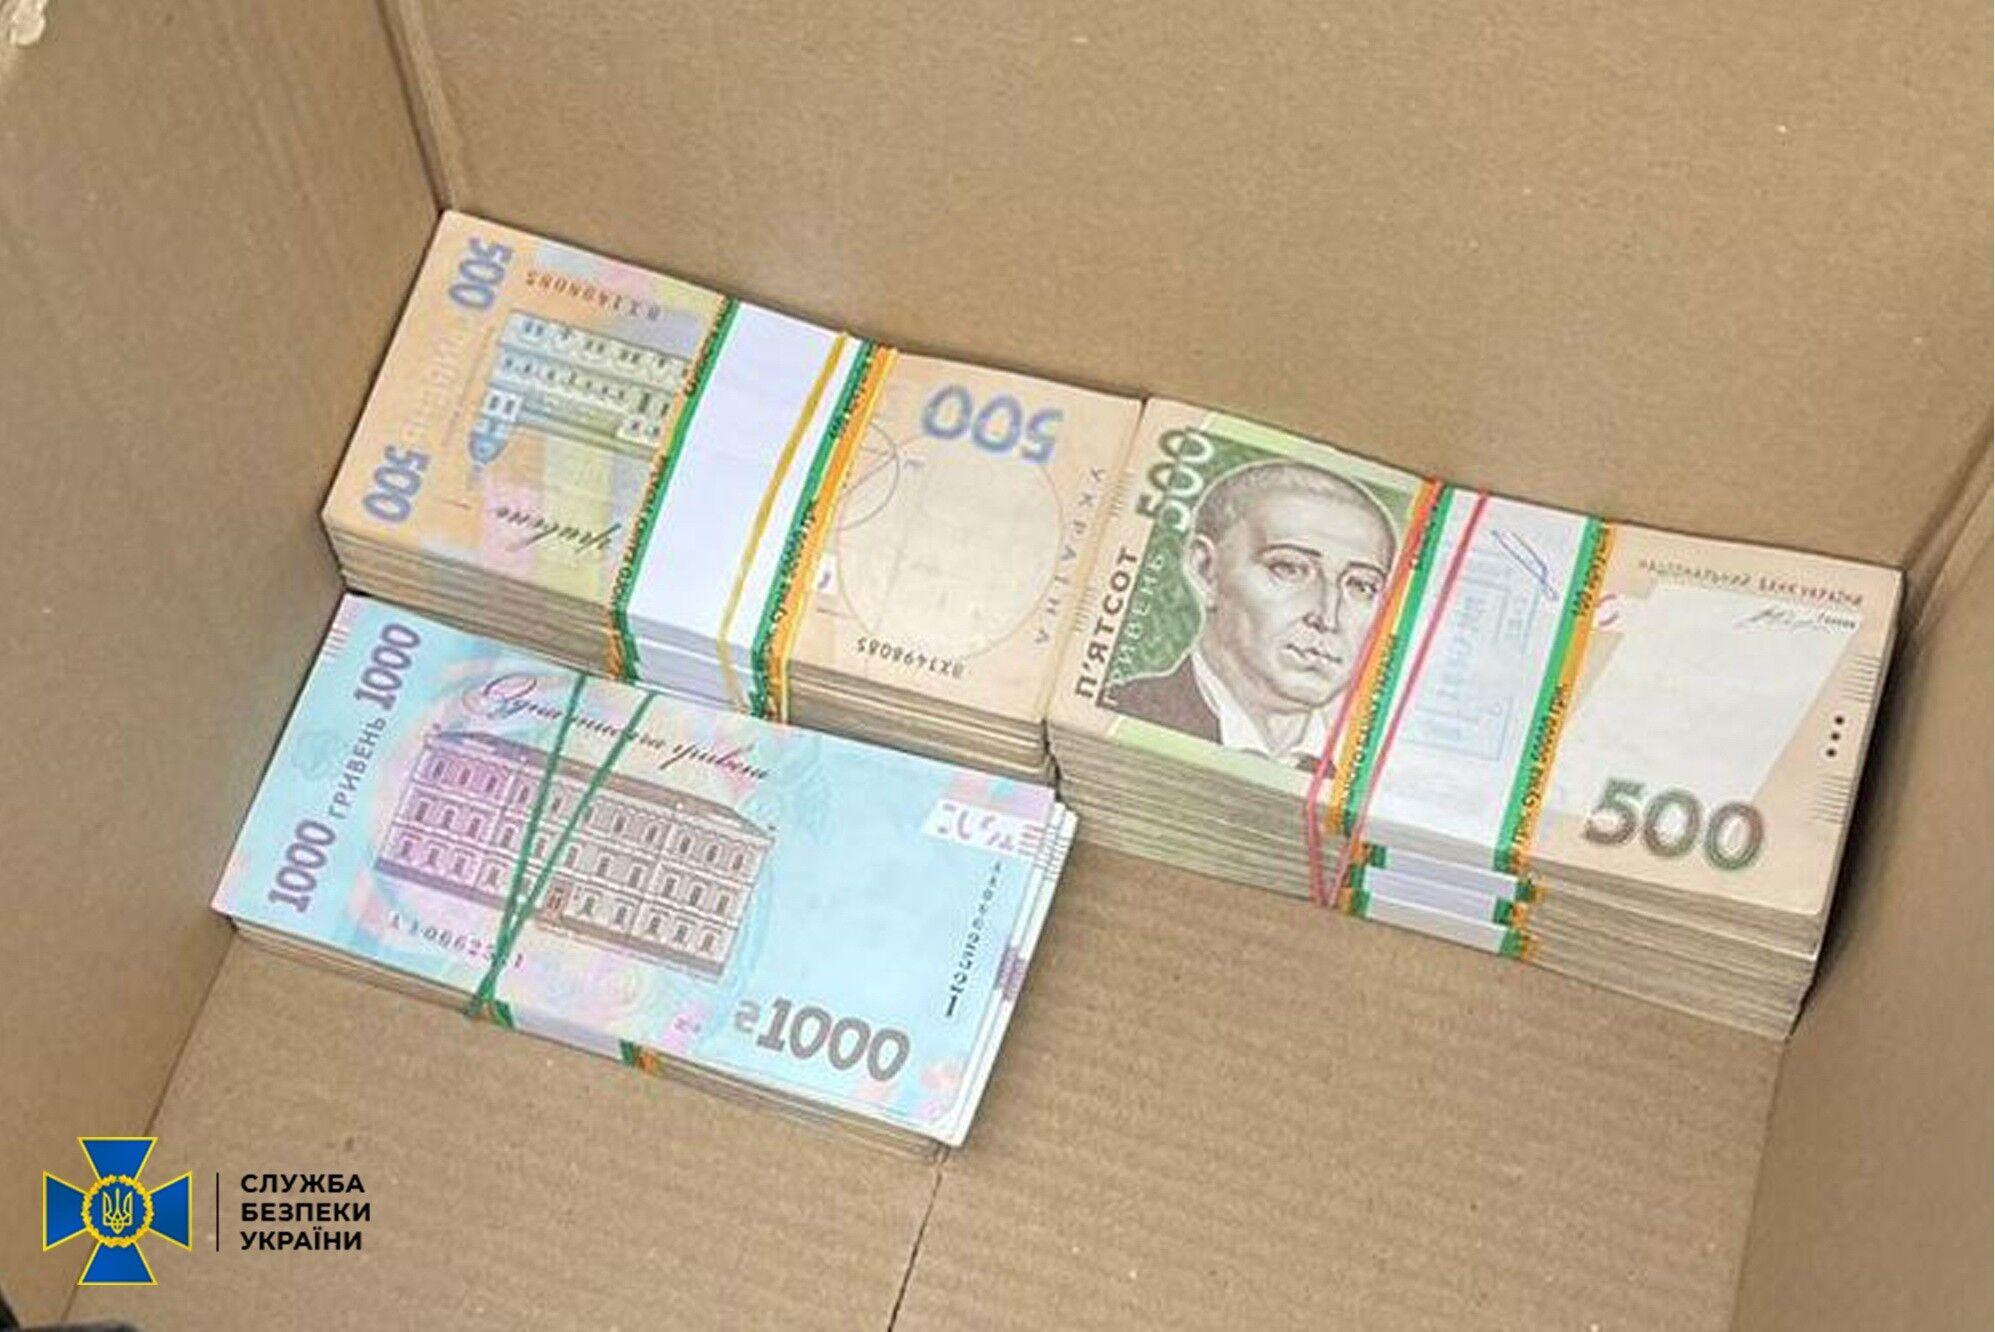 В ходе обысков изъяли почти пол миллиона грн